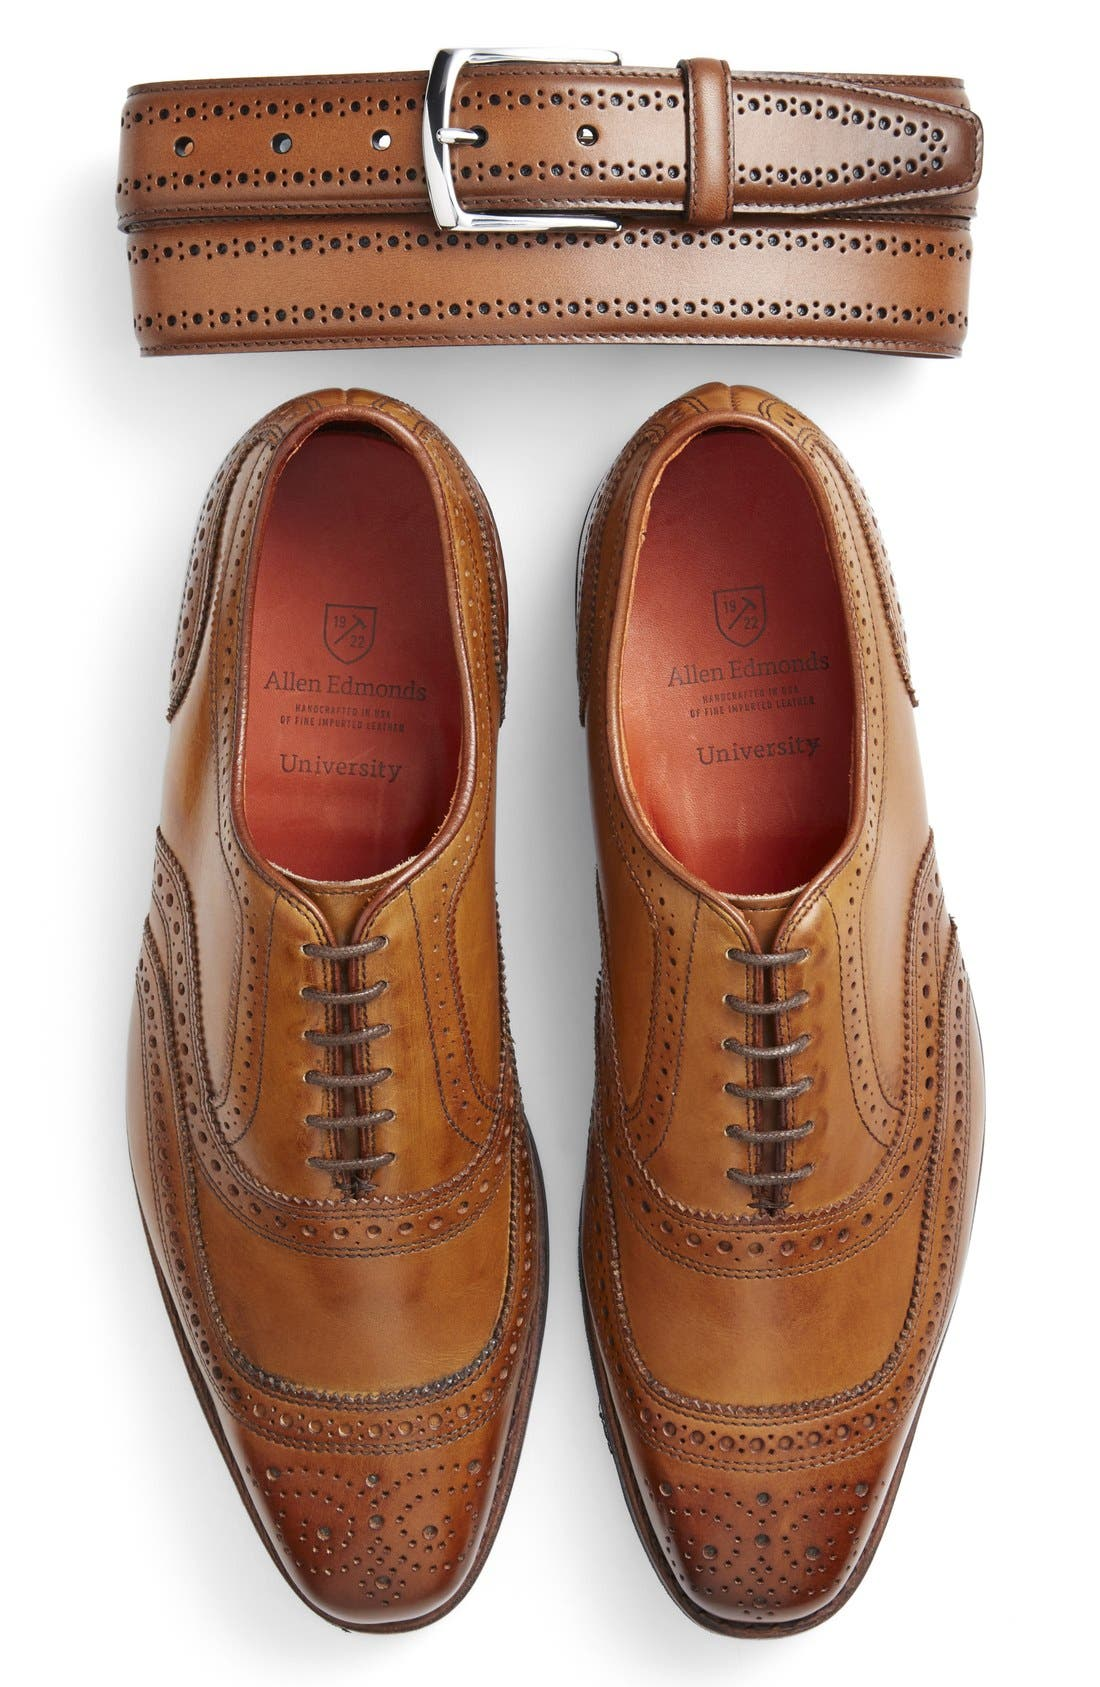 Allen Edmonds Brogue Leather Belt & Wingtip (Men)